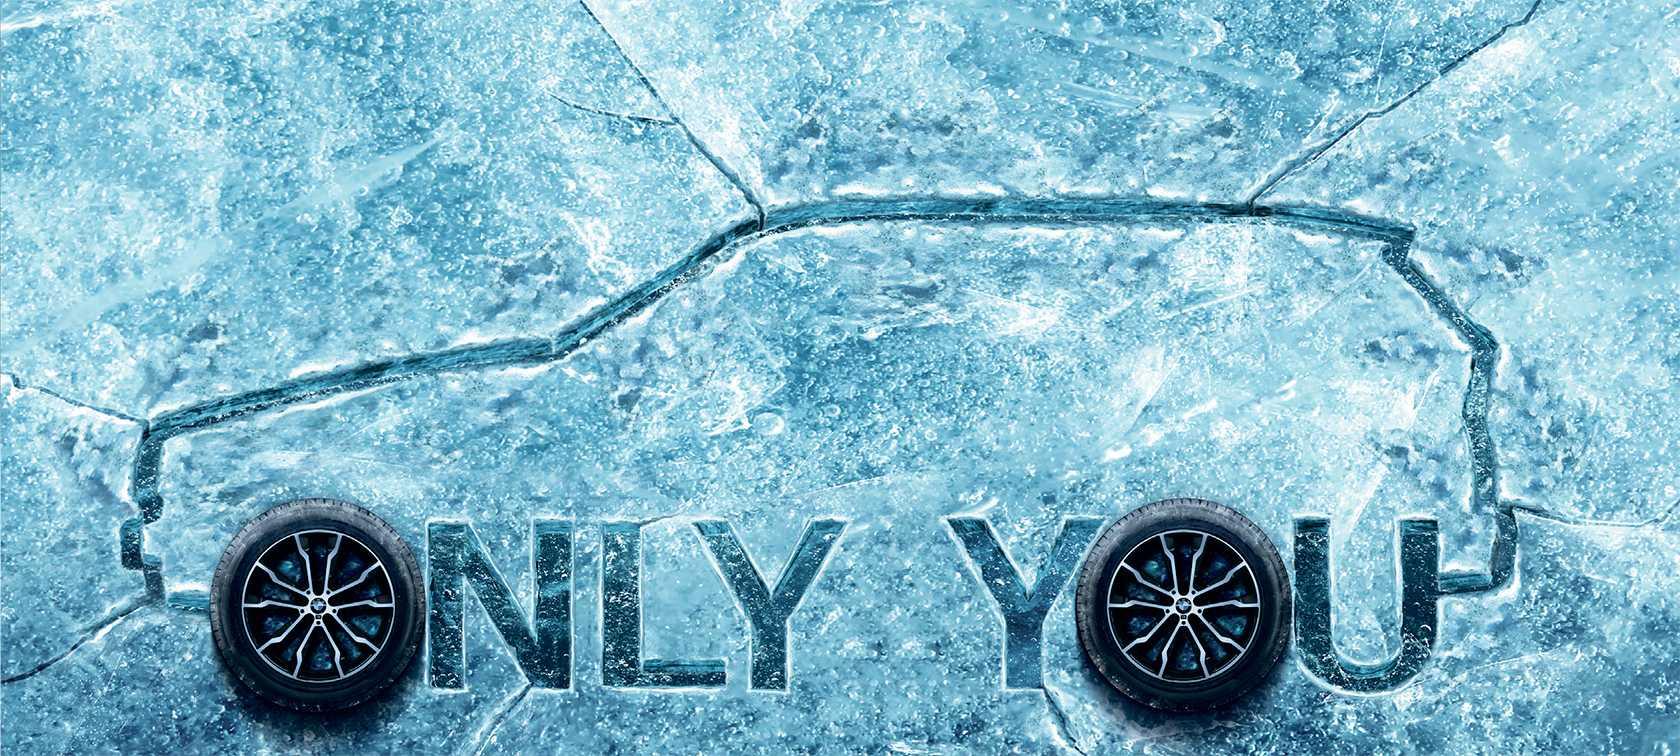 Каталог оригинальных колес и дисков для BMW X3 (G01) и BMW X4 (G02)